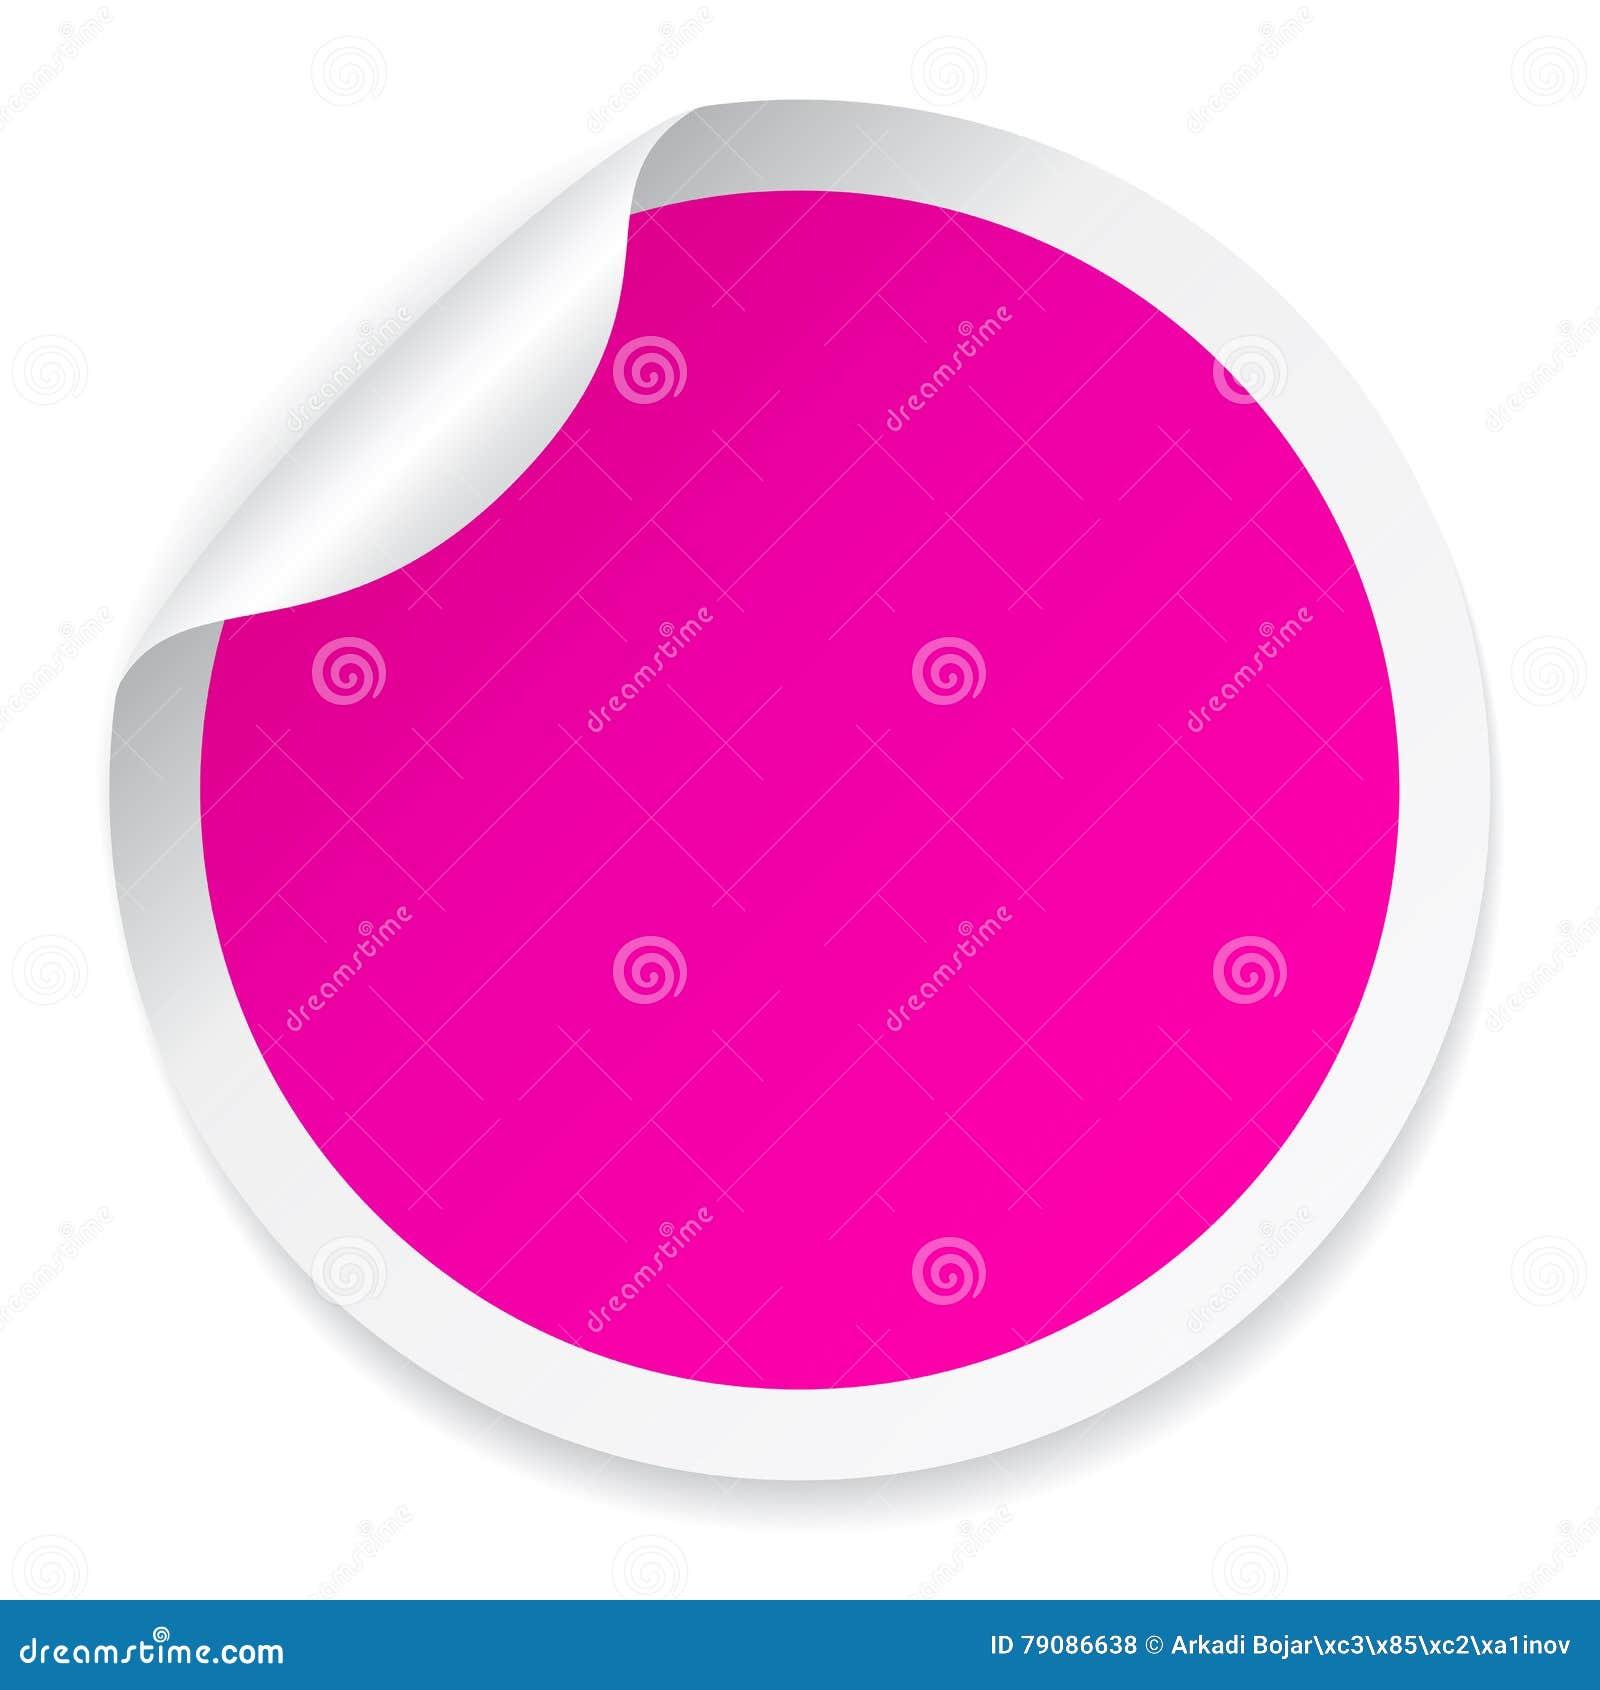 Pink round sticker